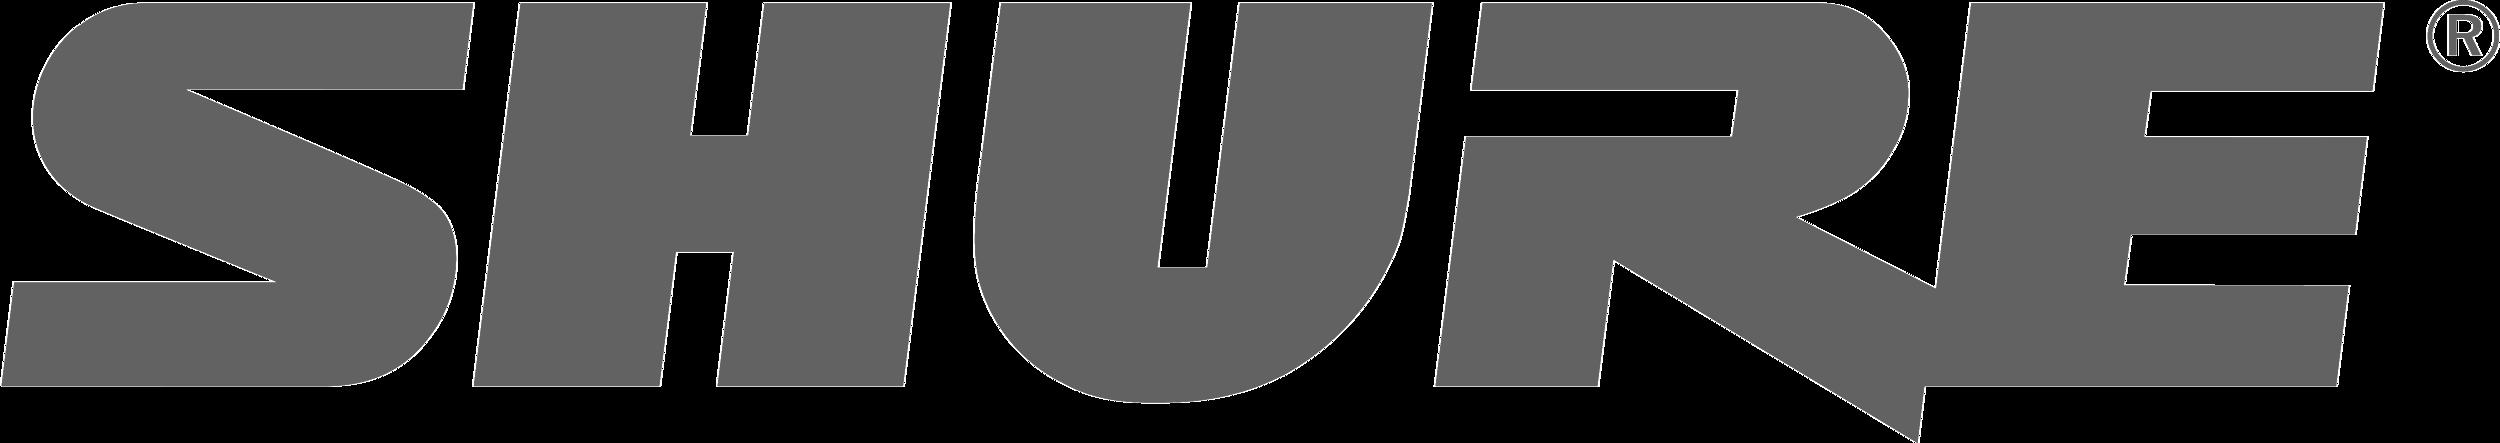 Shure_logo gray.png